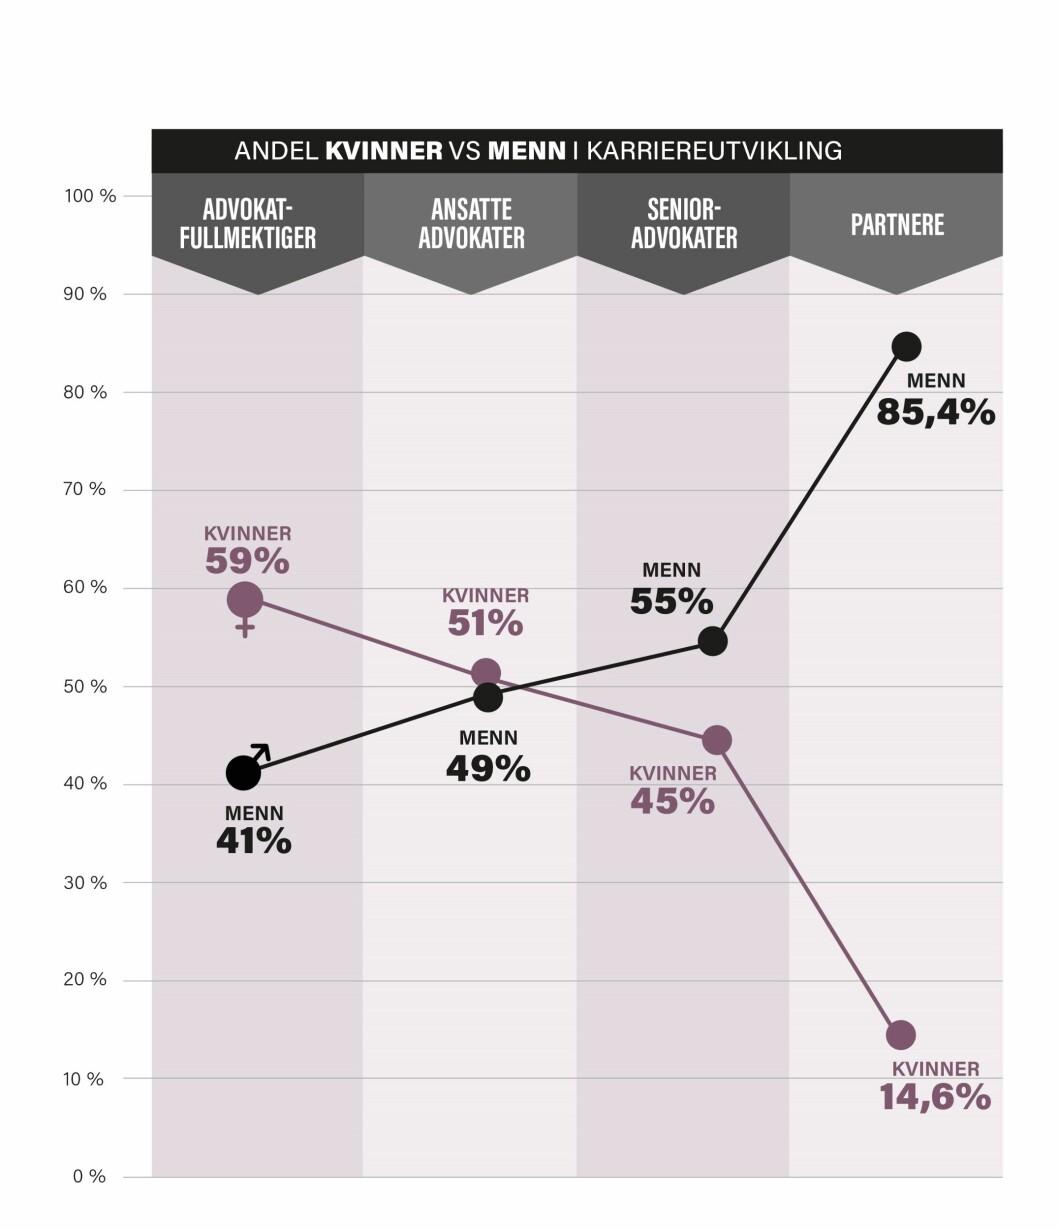 Grafen illustrerer hvor kvinnegapet oppstår. Fram til seniornivå er kjønnsdelingen nærmest jevn, før mennene er i klar dominans på partnernivå. Grafikk: Mediamania.no